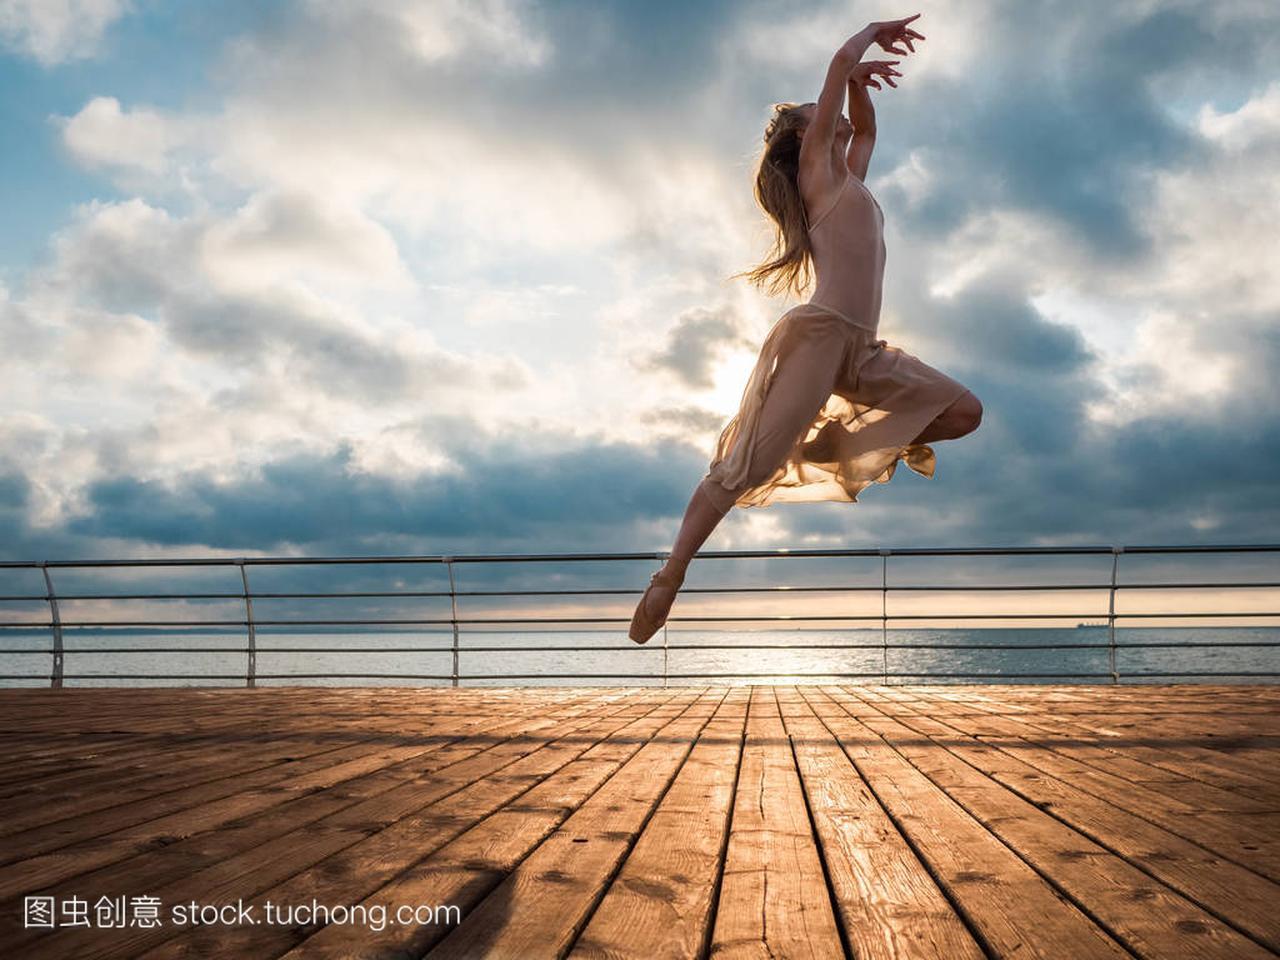 内急衣服跳芭蕾舞女演员在女生的故事和普安特长篇米色的日出时分图片